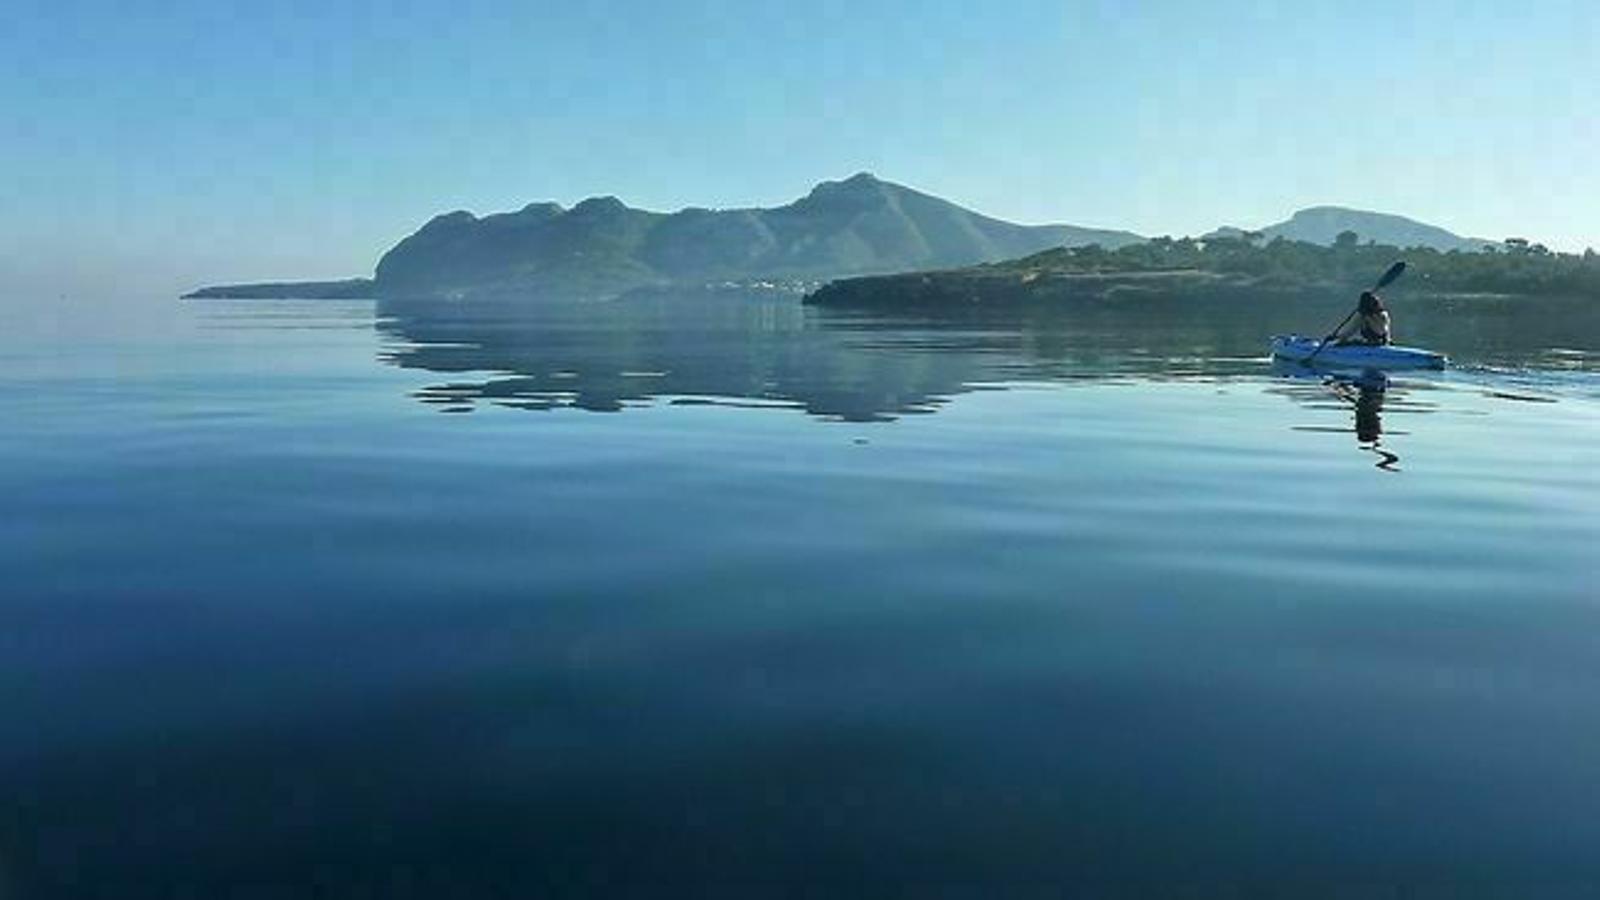 Temps estable a les Illes Balears. / BERNAT PICÓ